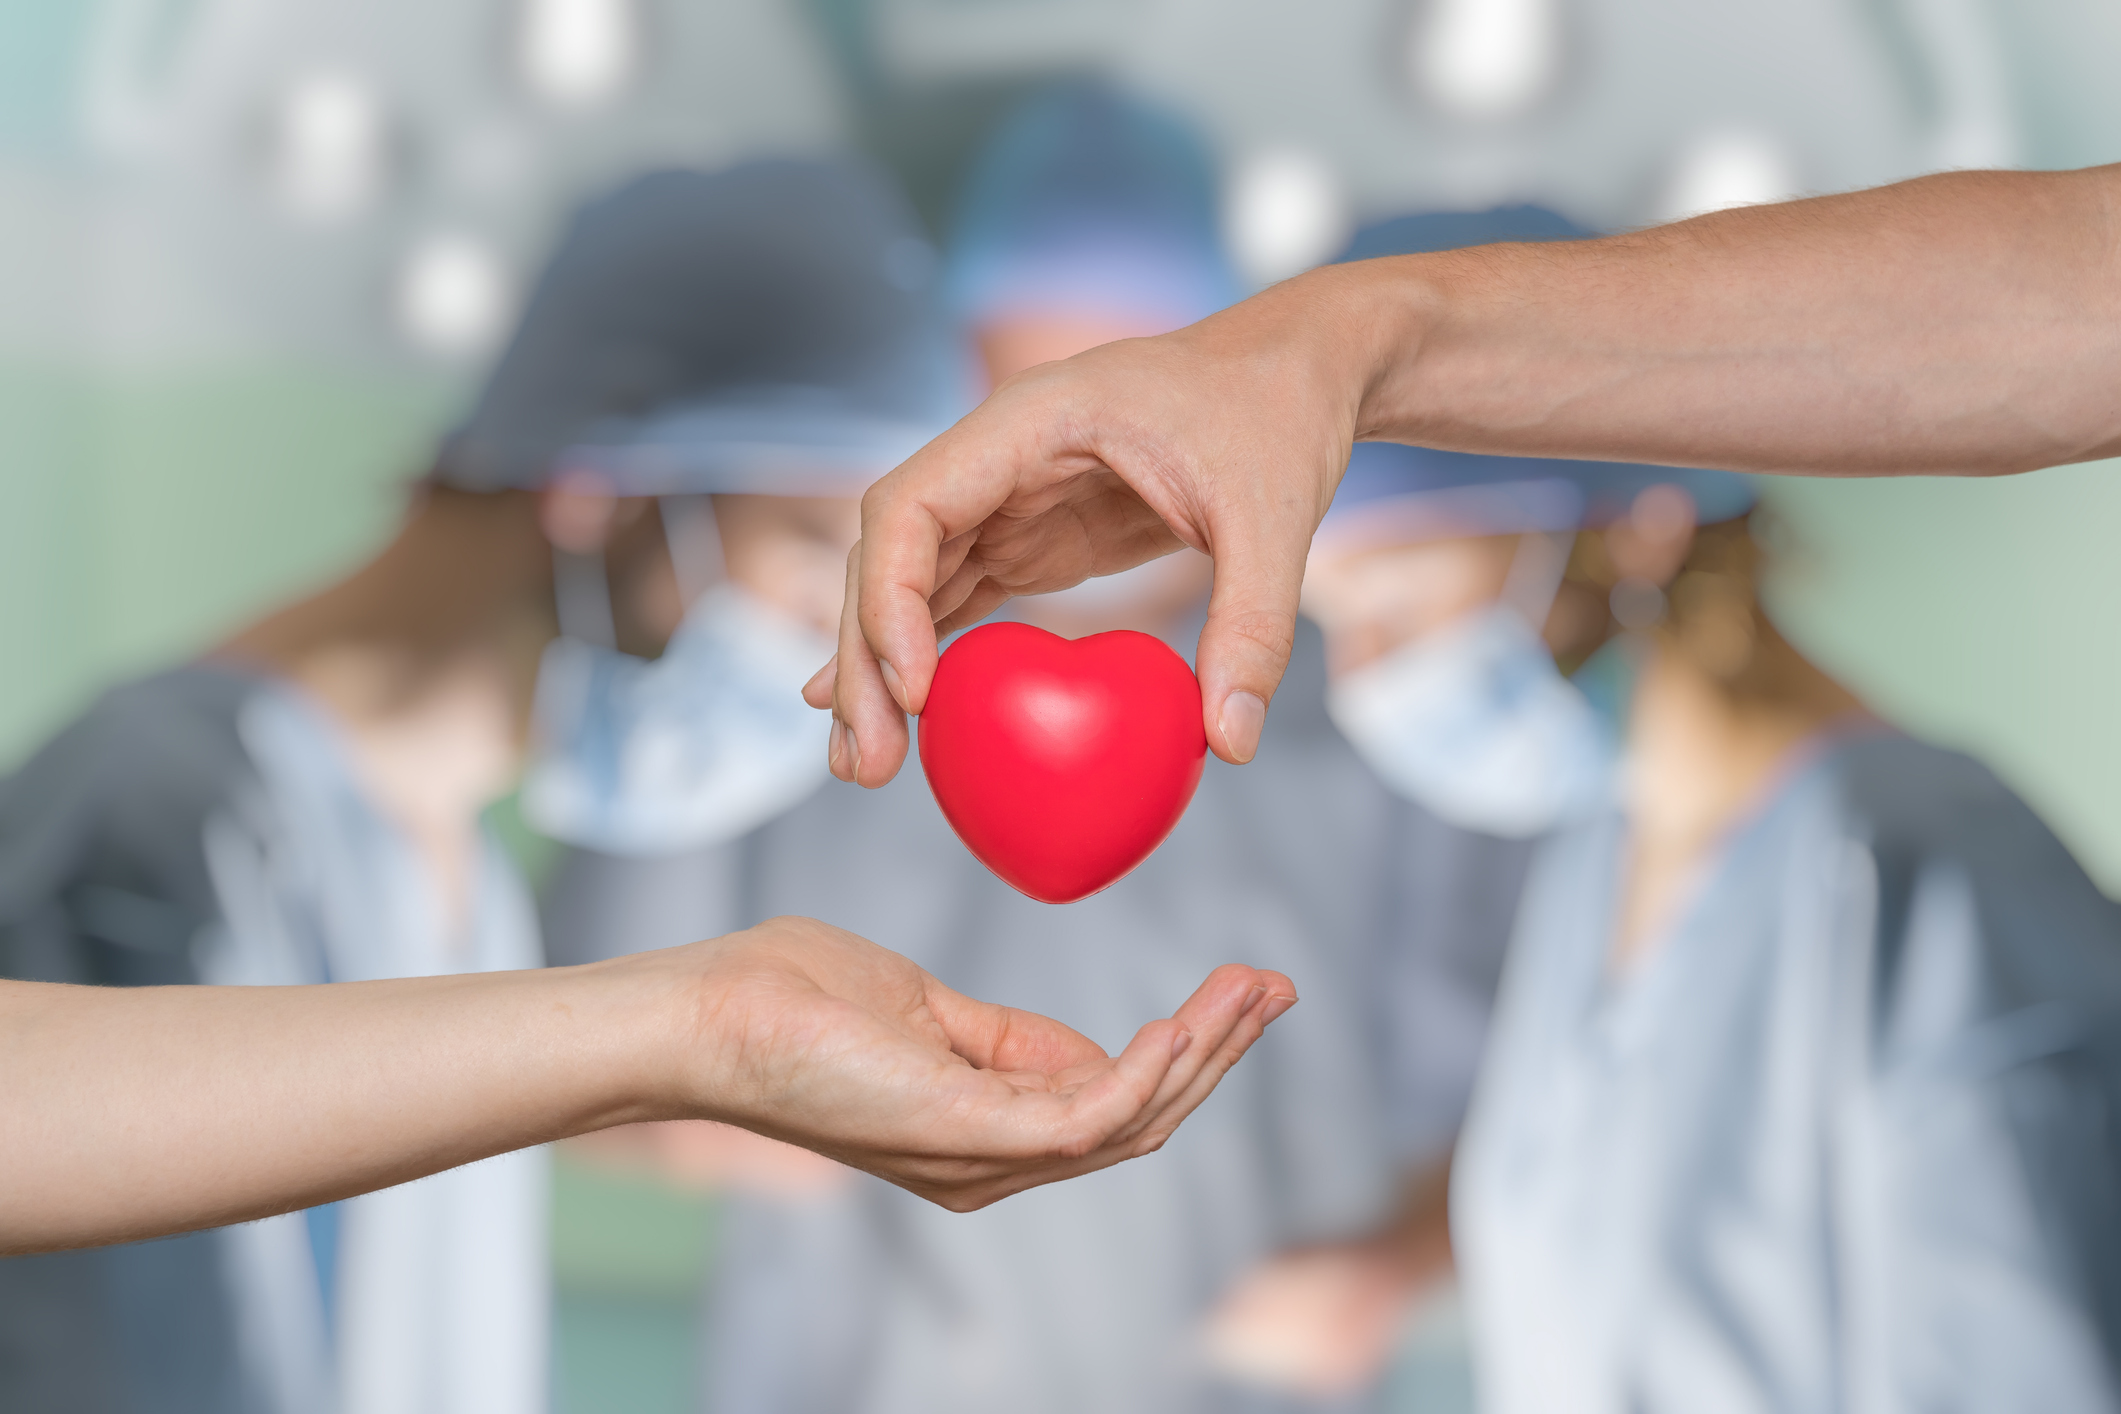 Canarias superó en quince puntos la media nacional de trasplantes, pese a la pandemia